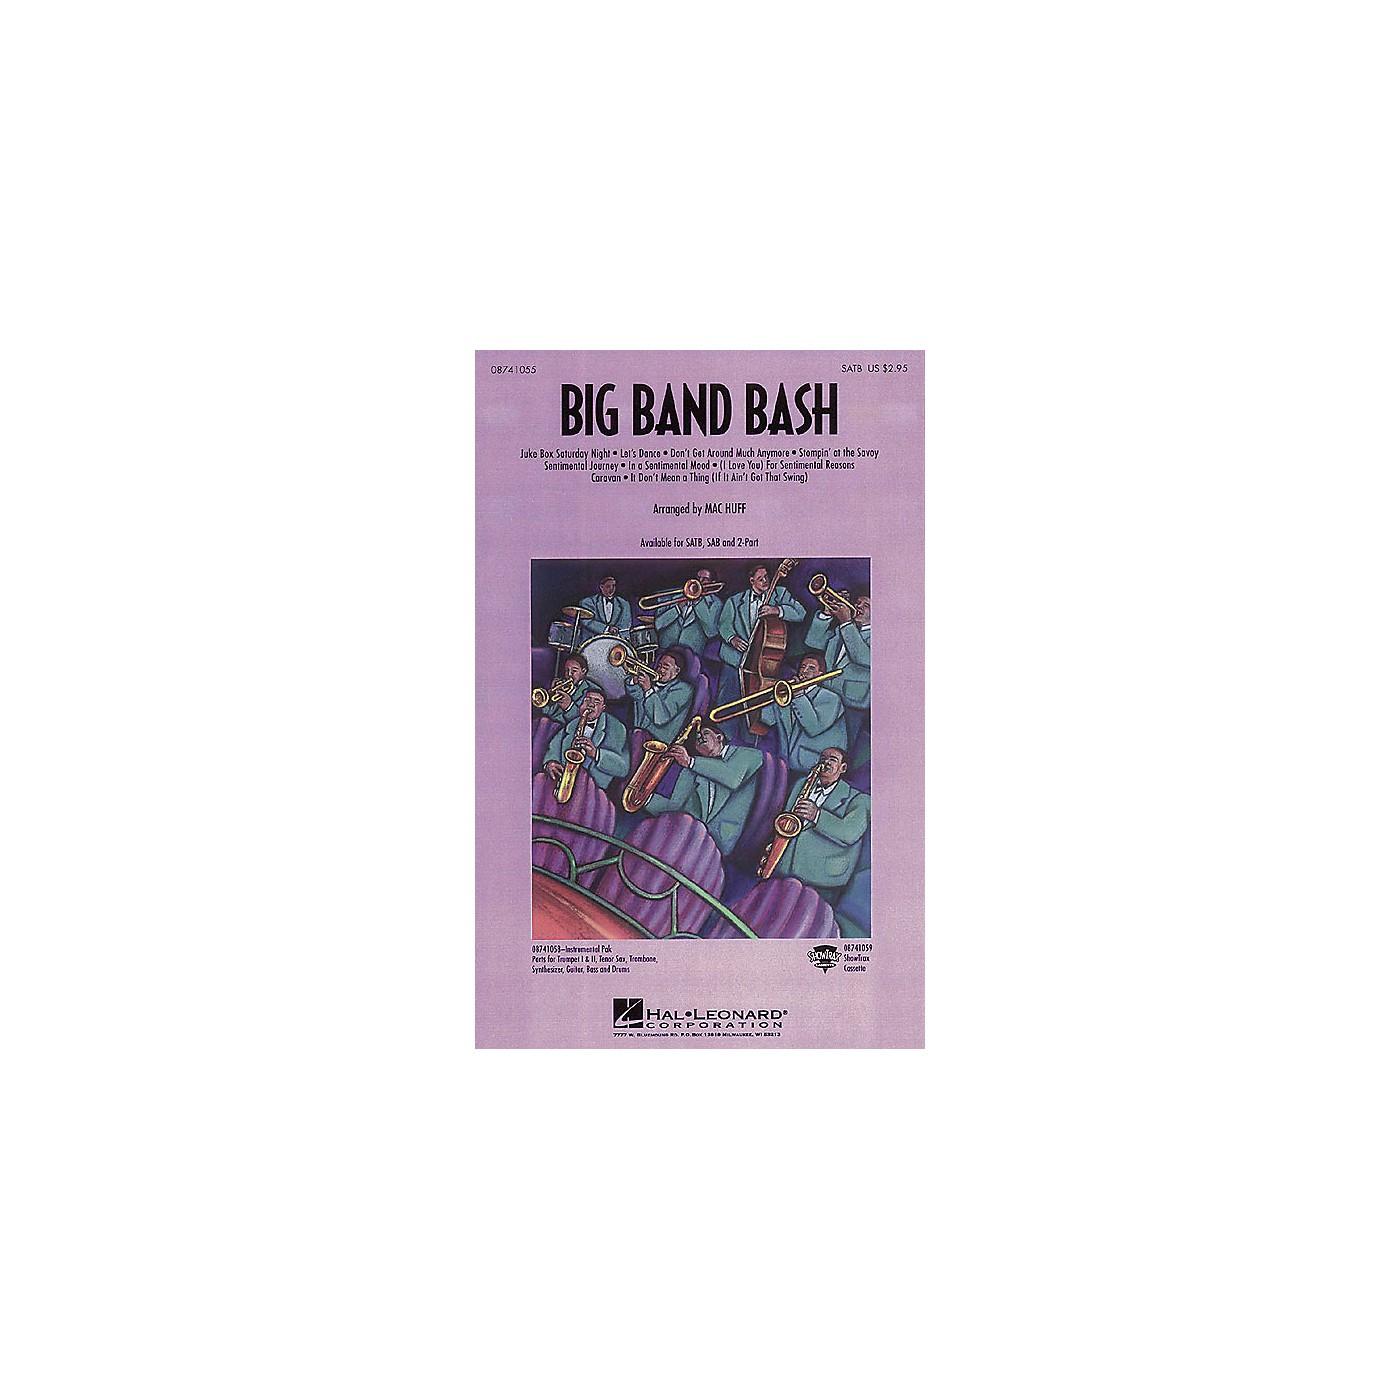 Hal Leonard Big Band Bash (Medley) SATB arranged by Mac Huff thumbnail